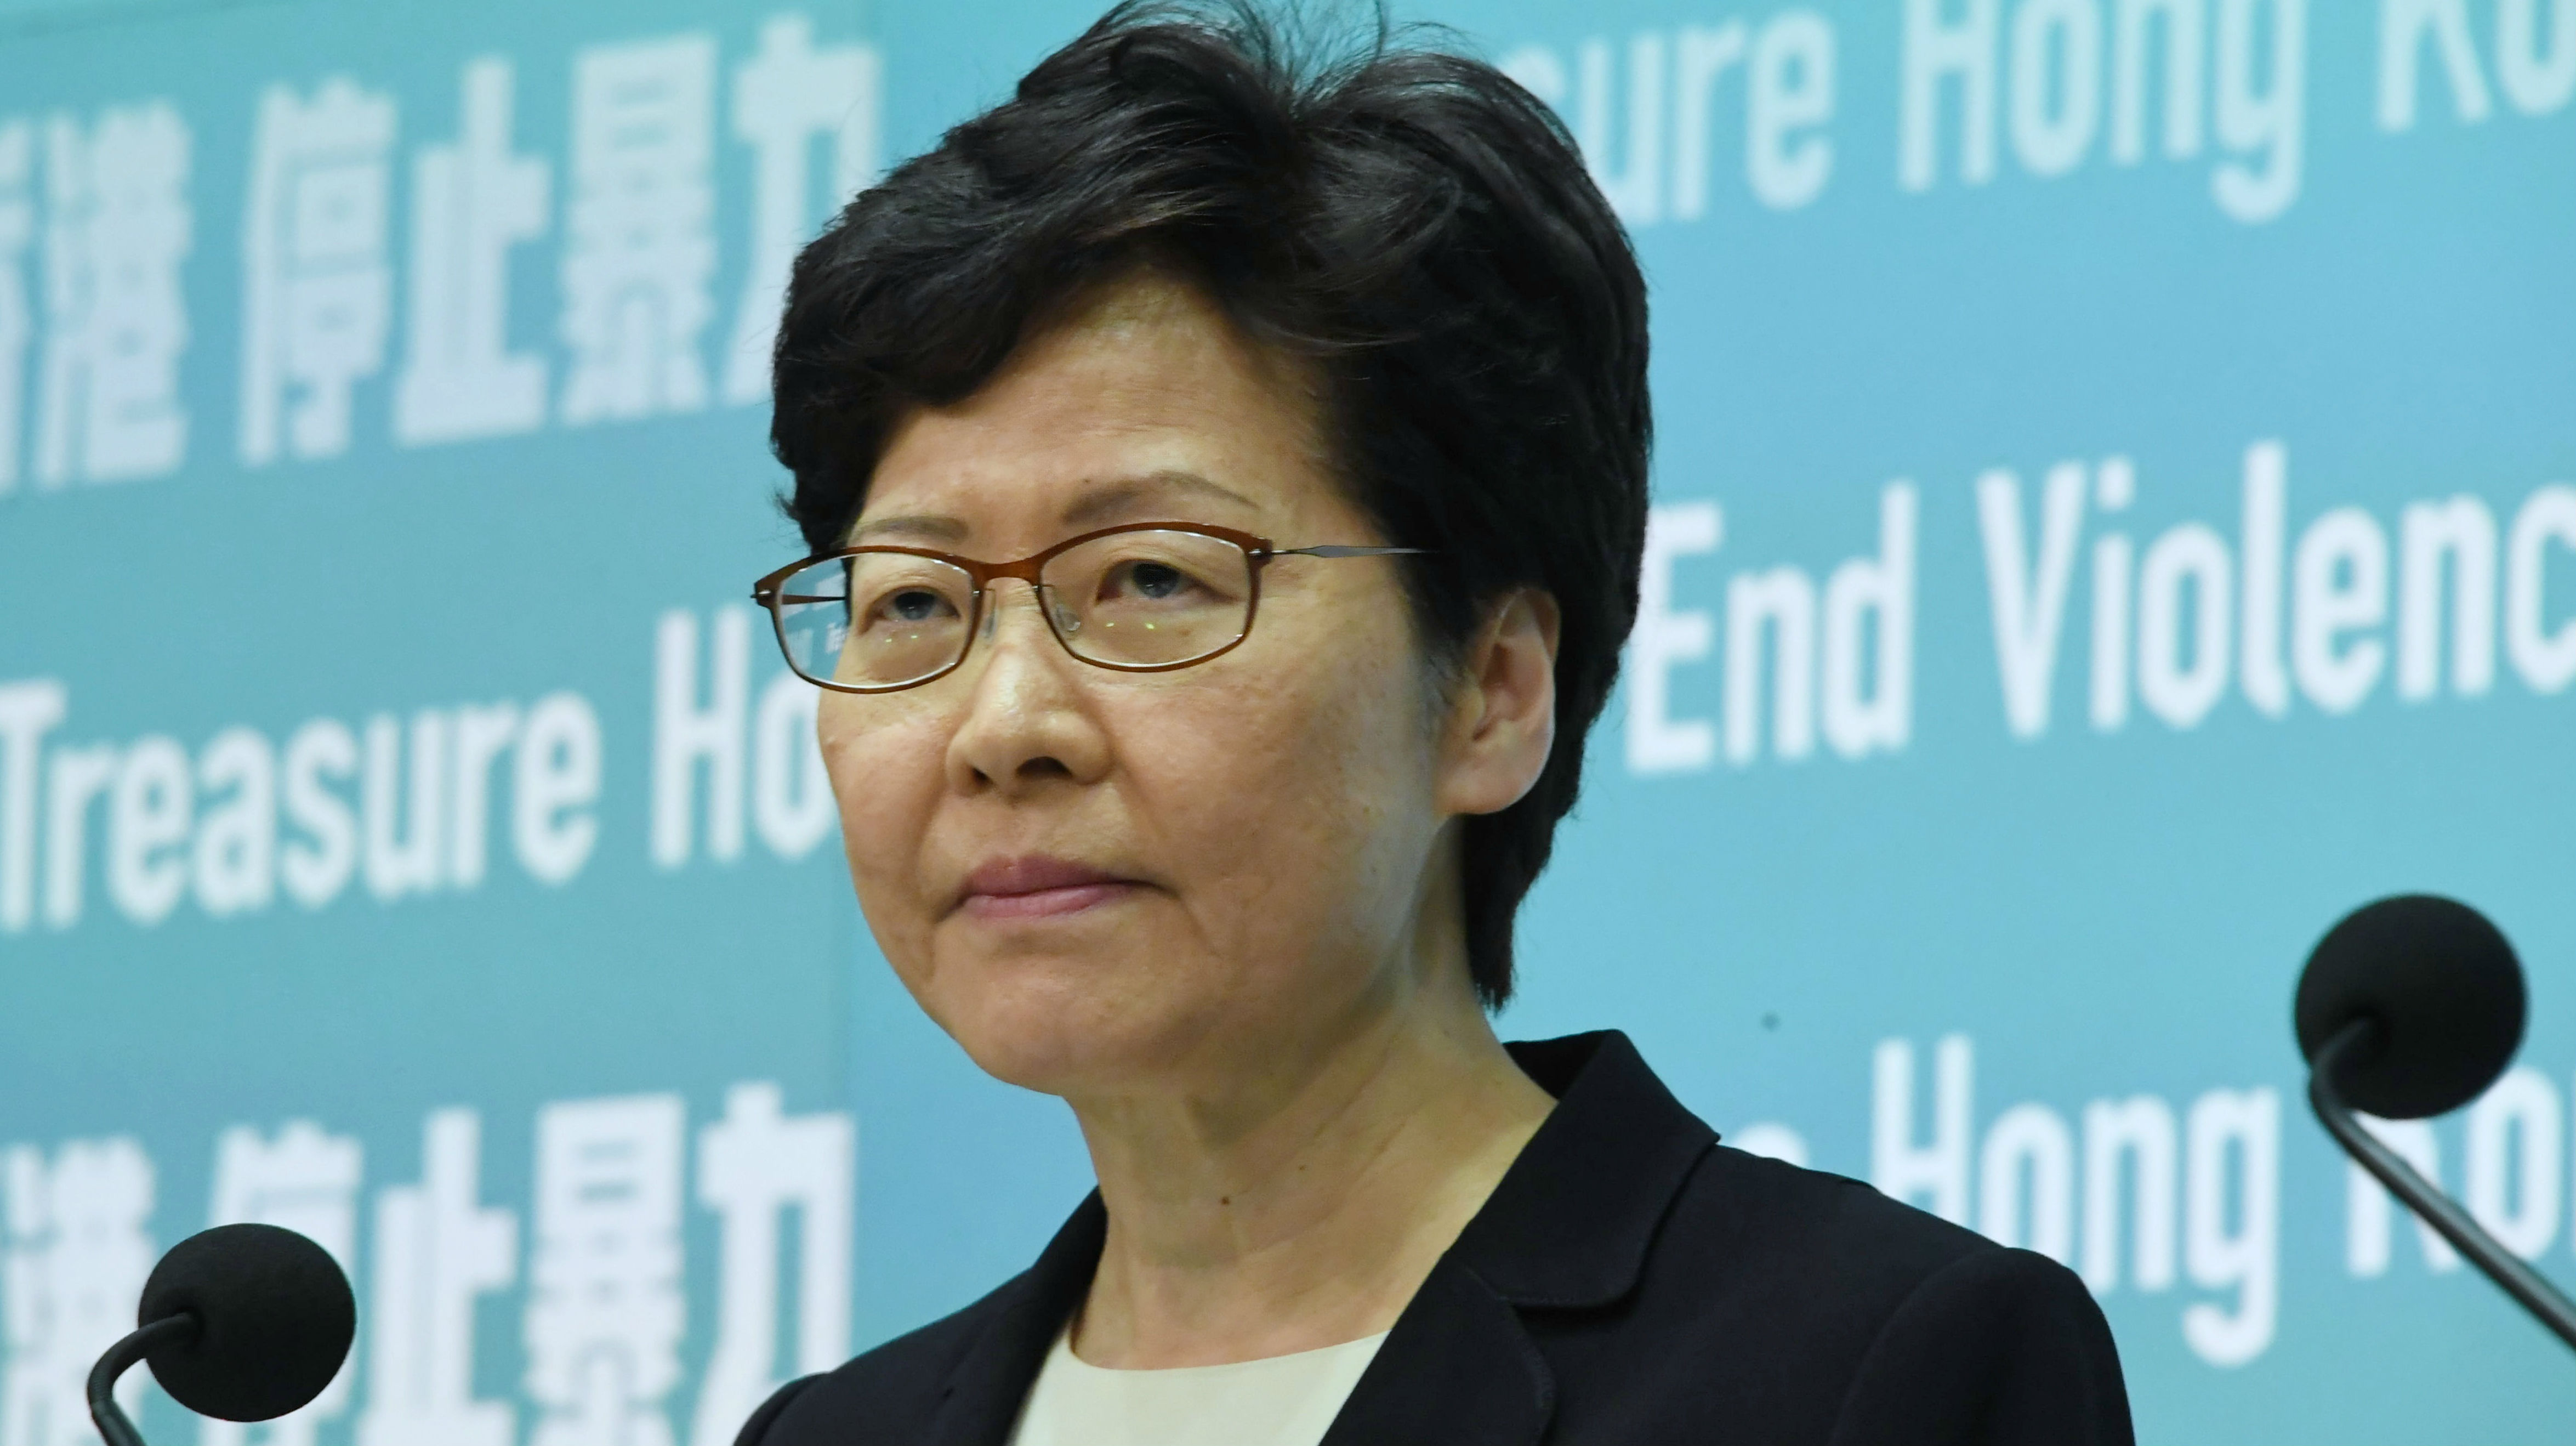 境外媒体:港府订立《禁止蒙面规例》 香港各界盼依法止暴制乱